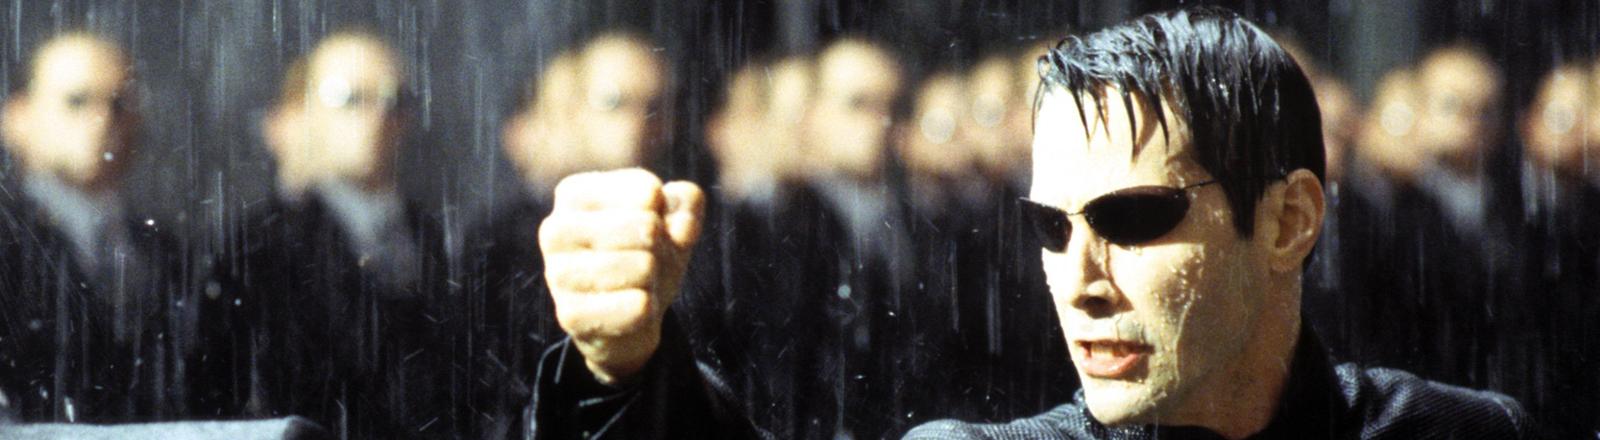 """Thomas """"Neo"""" Anderson (Keanu Reeves, r.) setzt sich in dem neuen Kinofilm """"Matrix Revolutions"""" mit Agent Smith (Hugo Weaving) auseinander"""